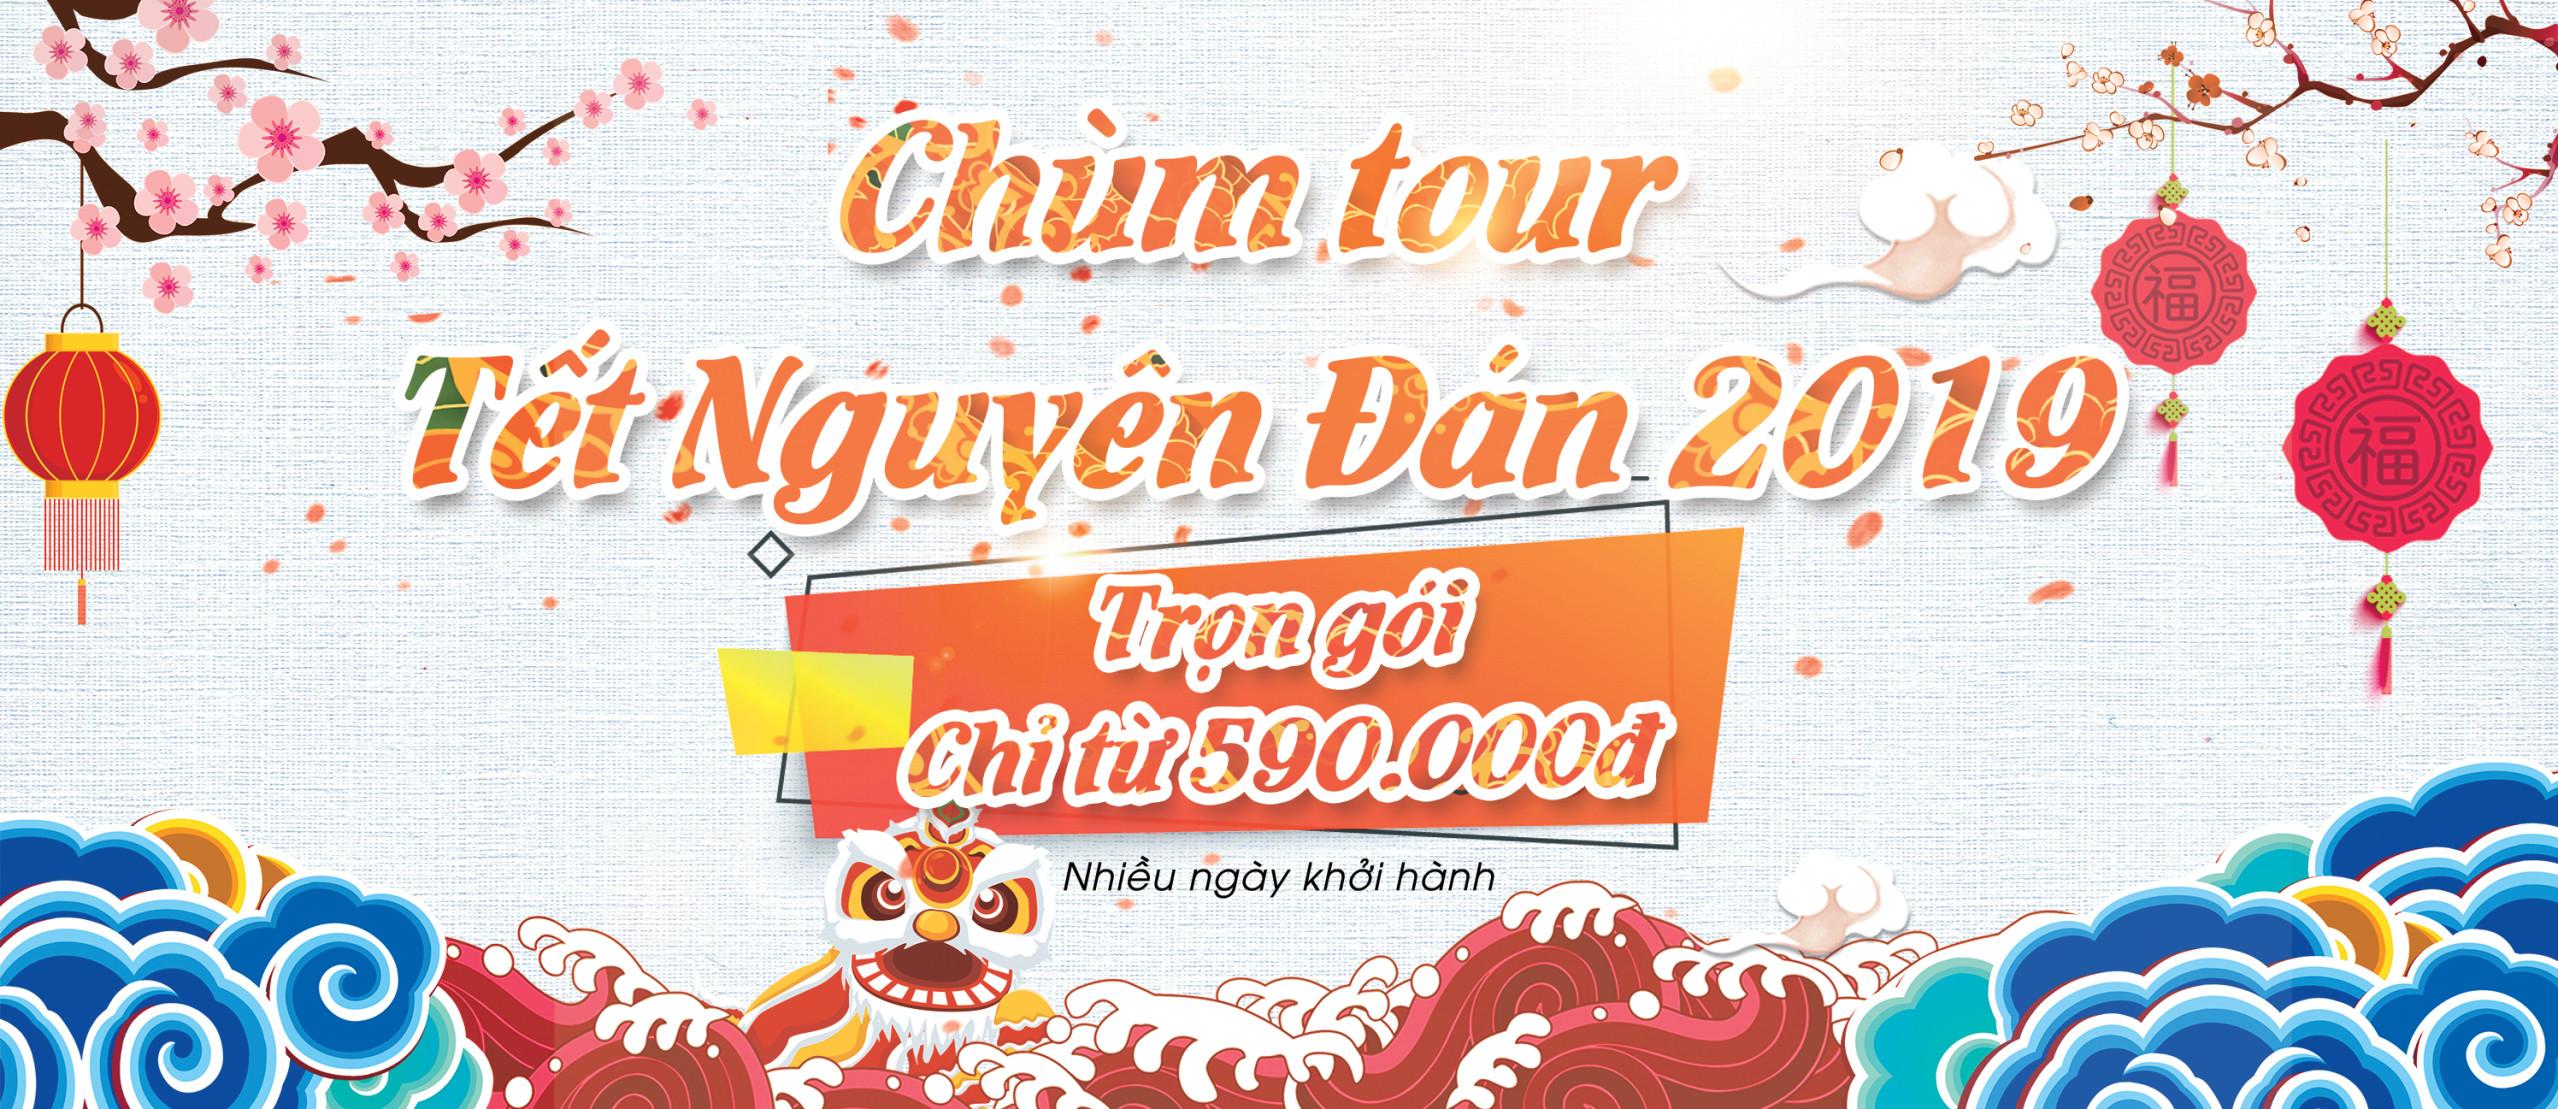 Chùm tour Tết Nguyên Đán